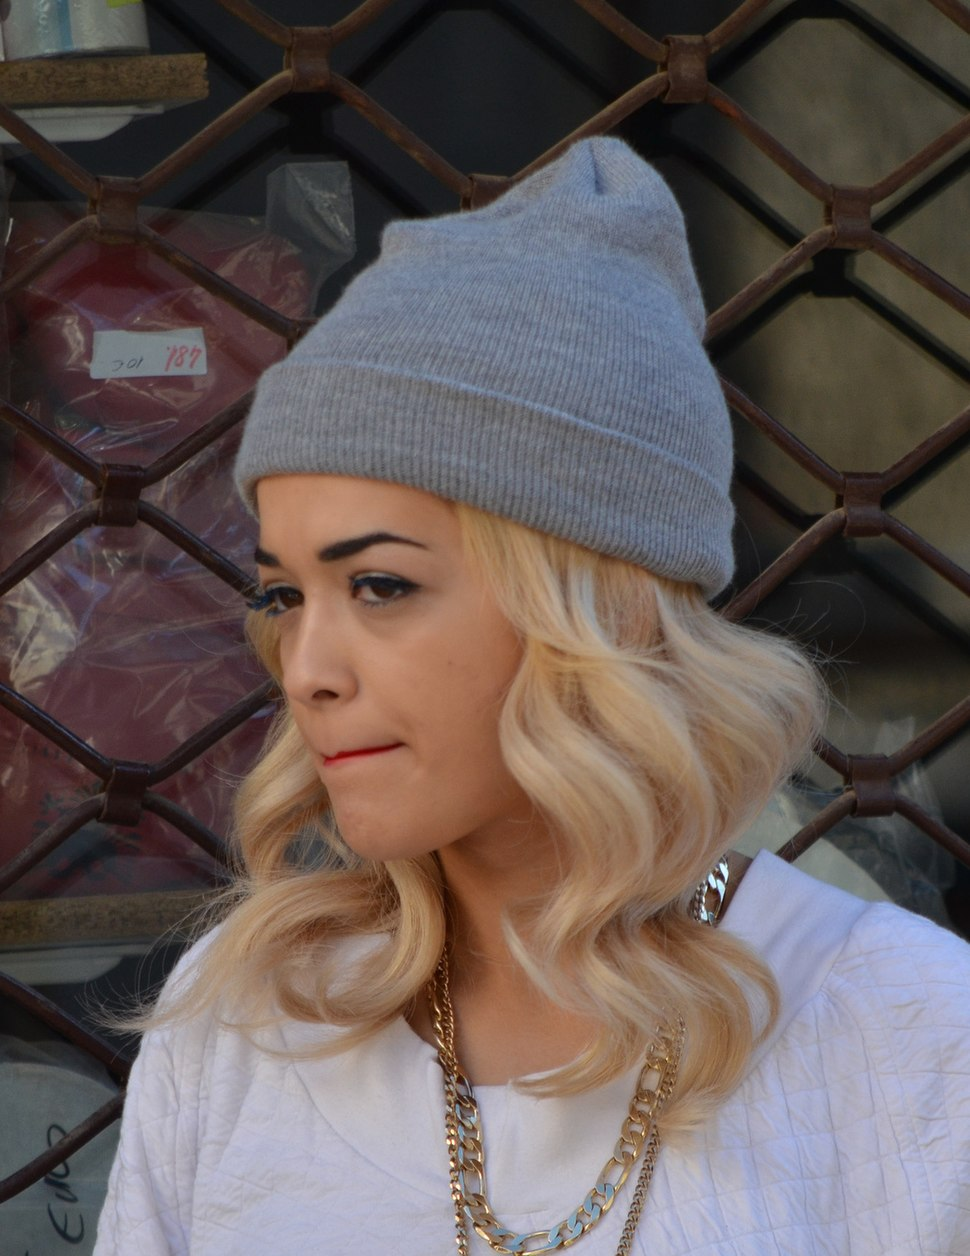 Rita Ora, 9 September 2012 (cropped)